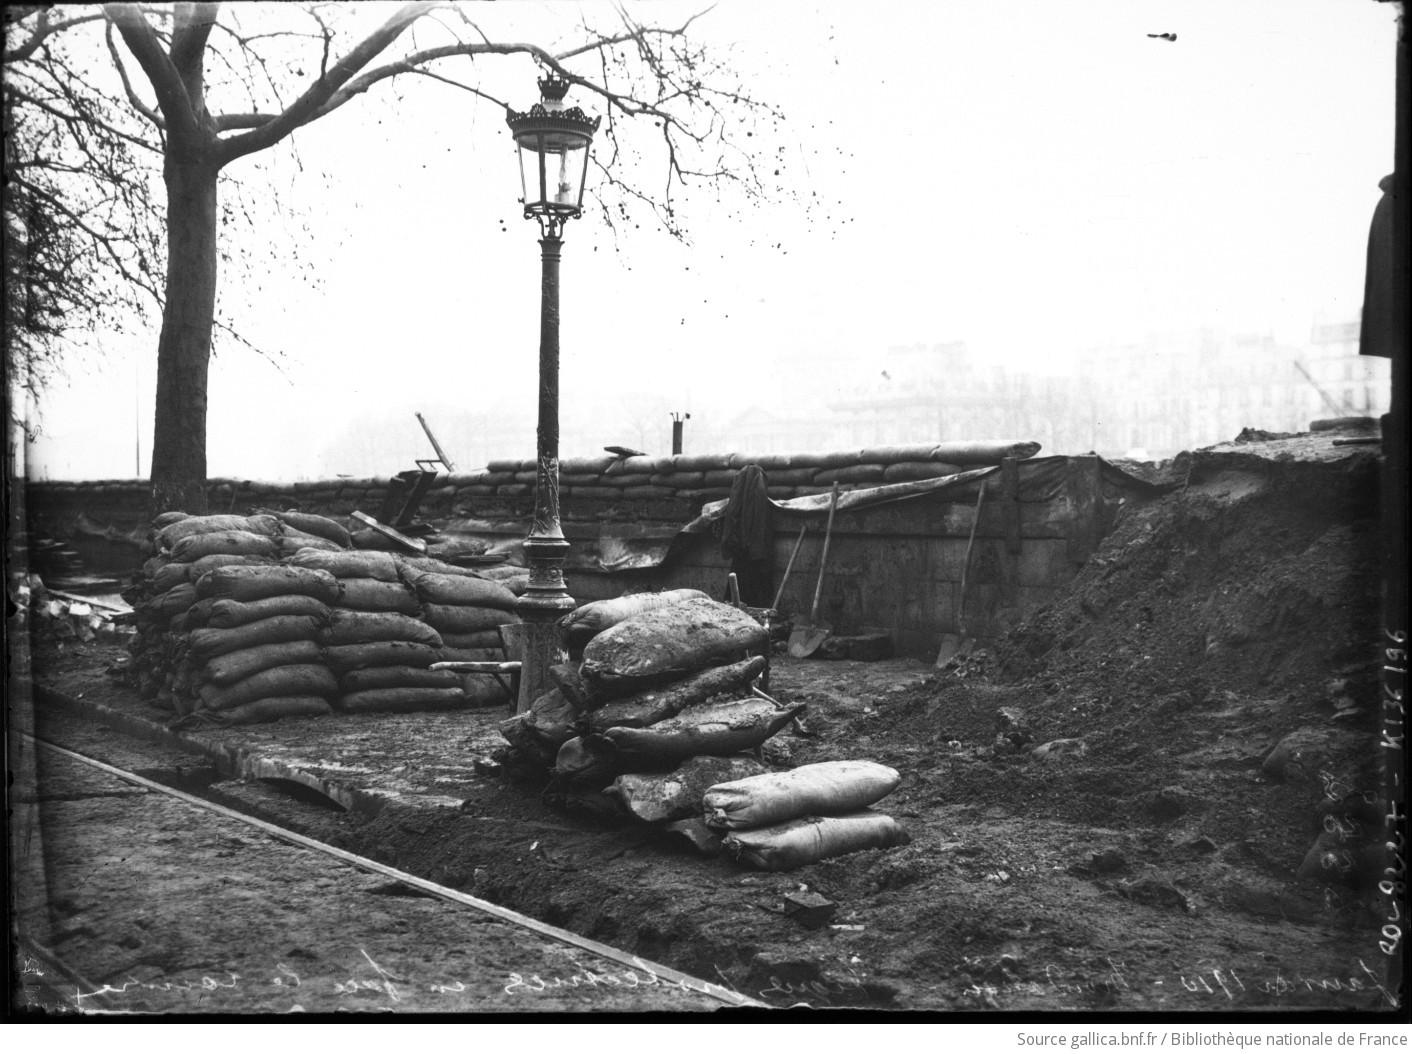 Janvier 1910 inondation digues protectrices en face le louvre paris 1er a - Sac de sable inondation ...